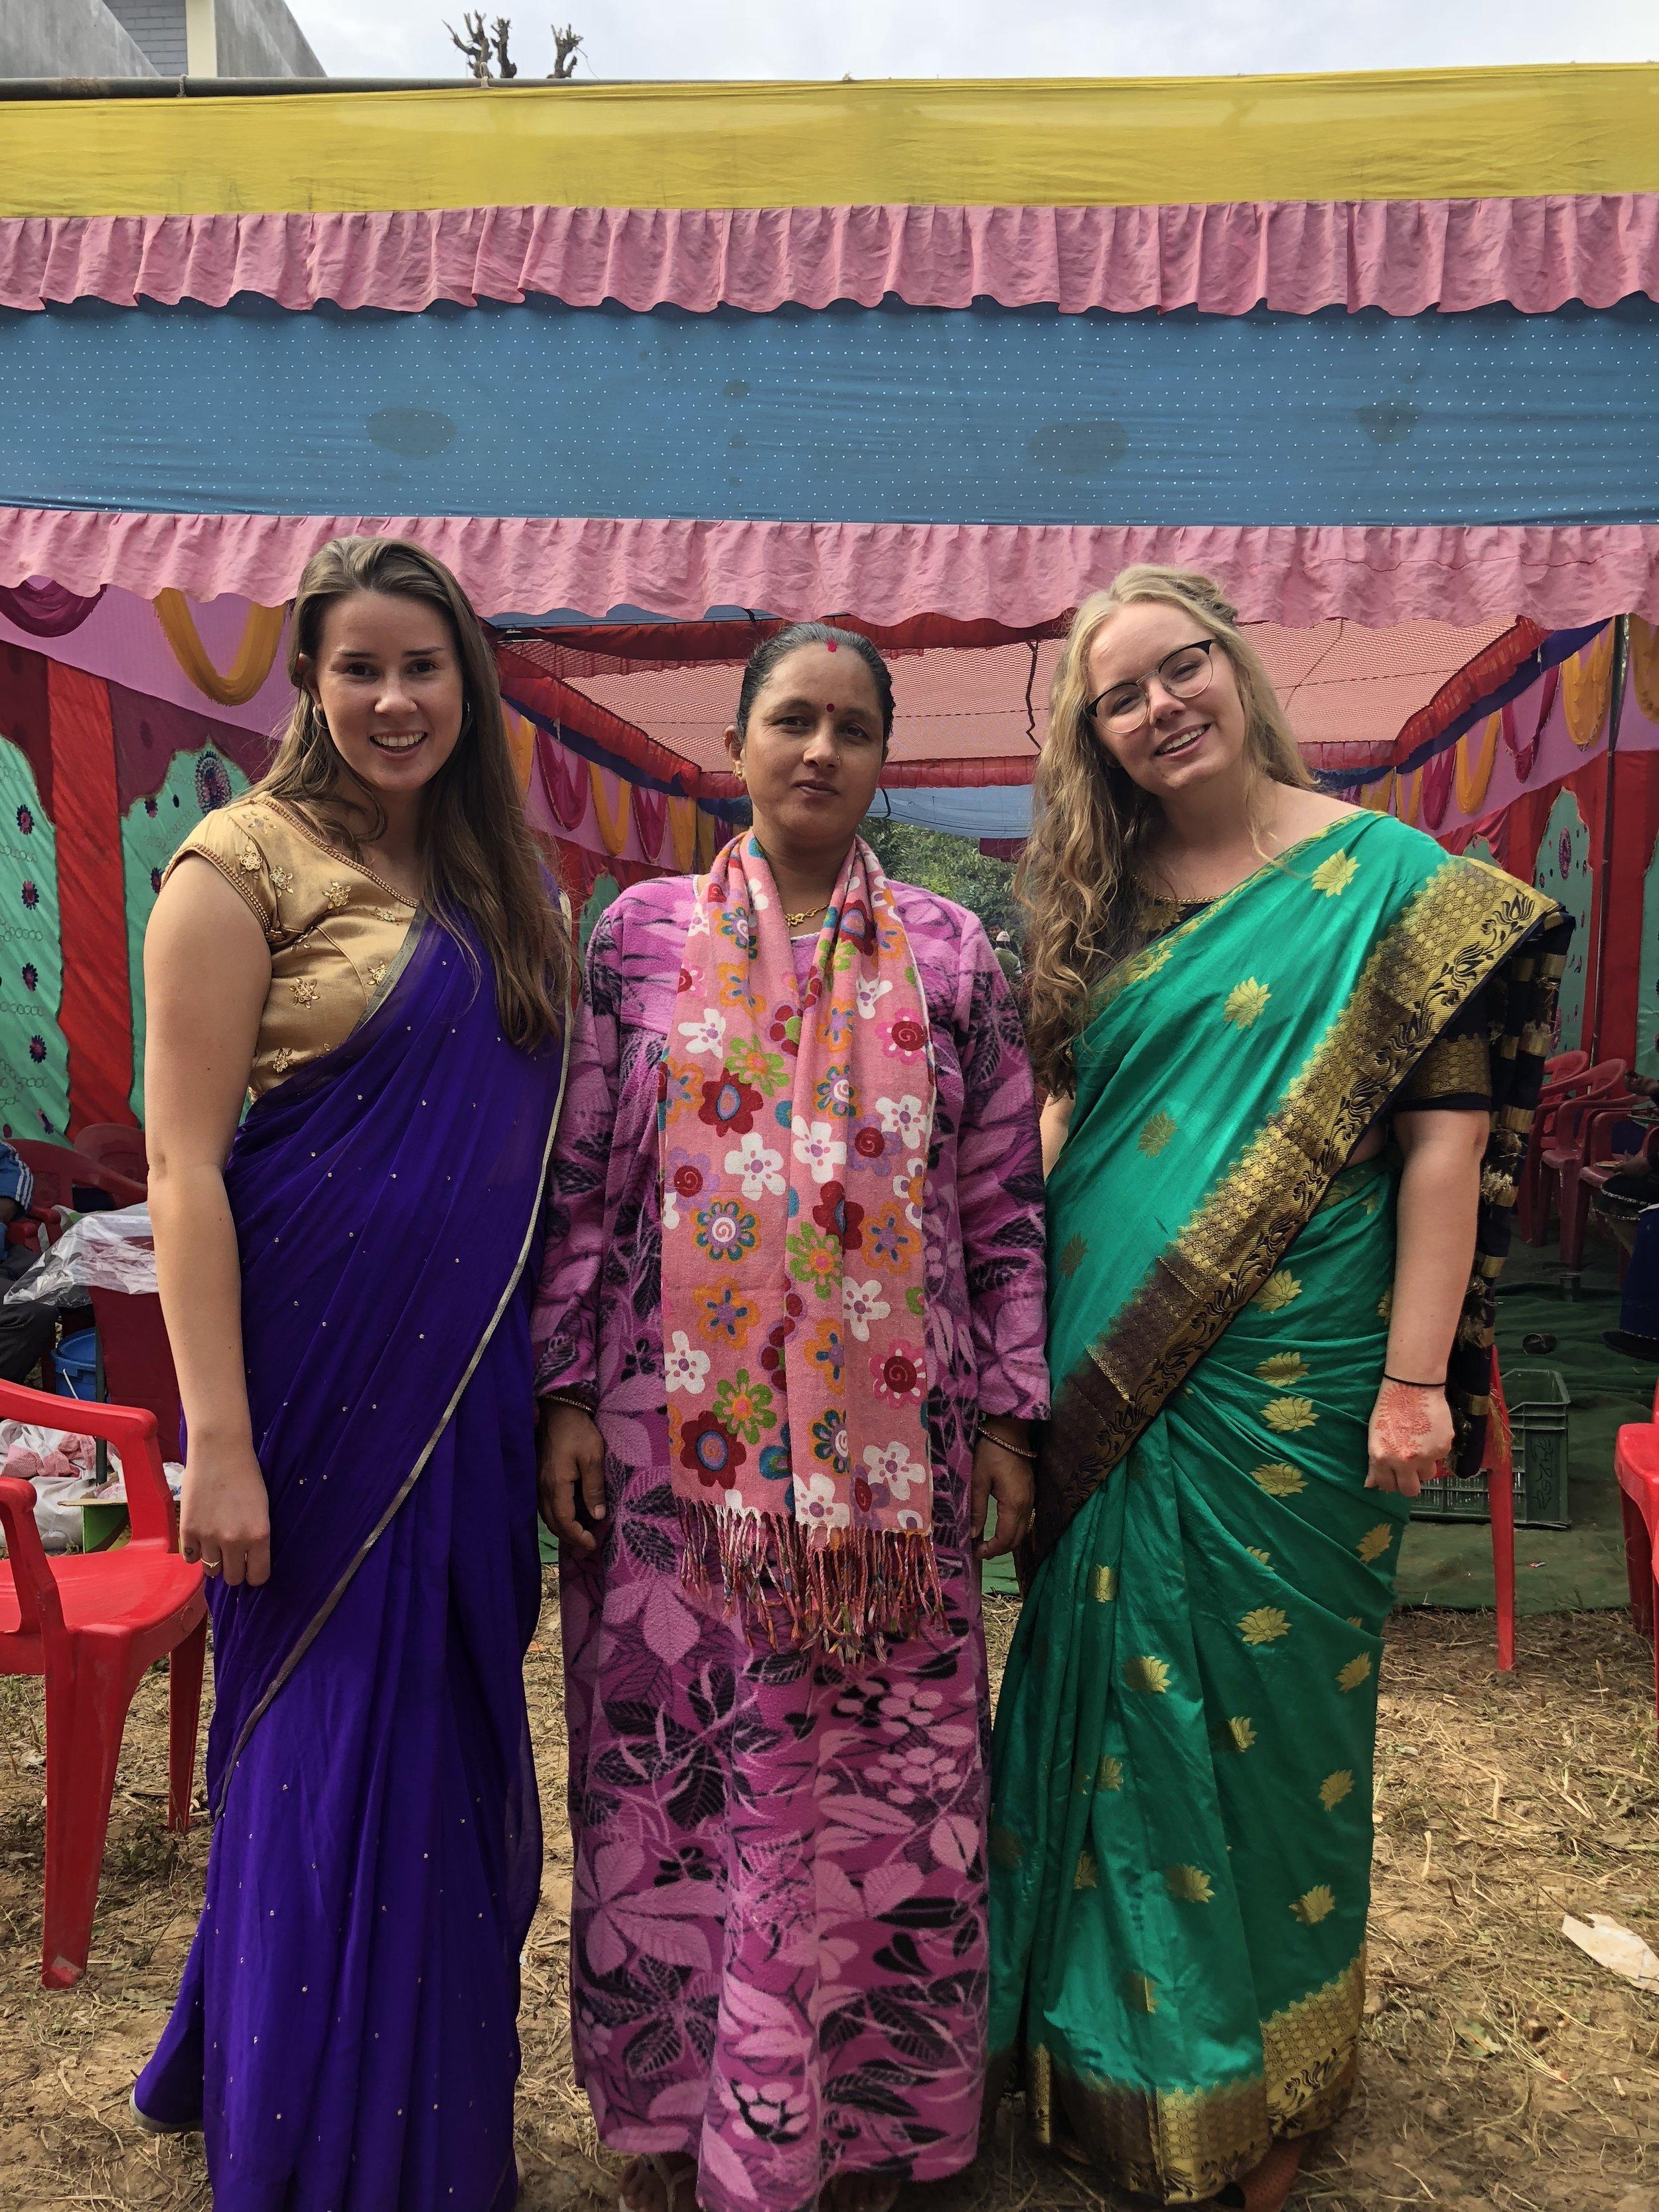 Svanhild, Binita and Guri at wedding Photo: Salina Chhetri